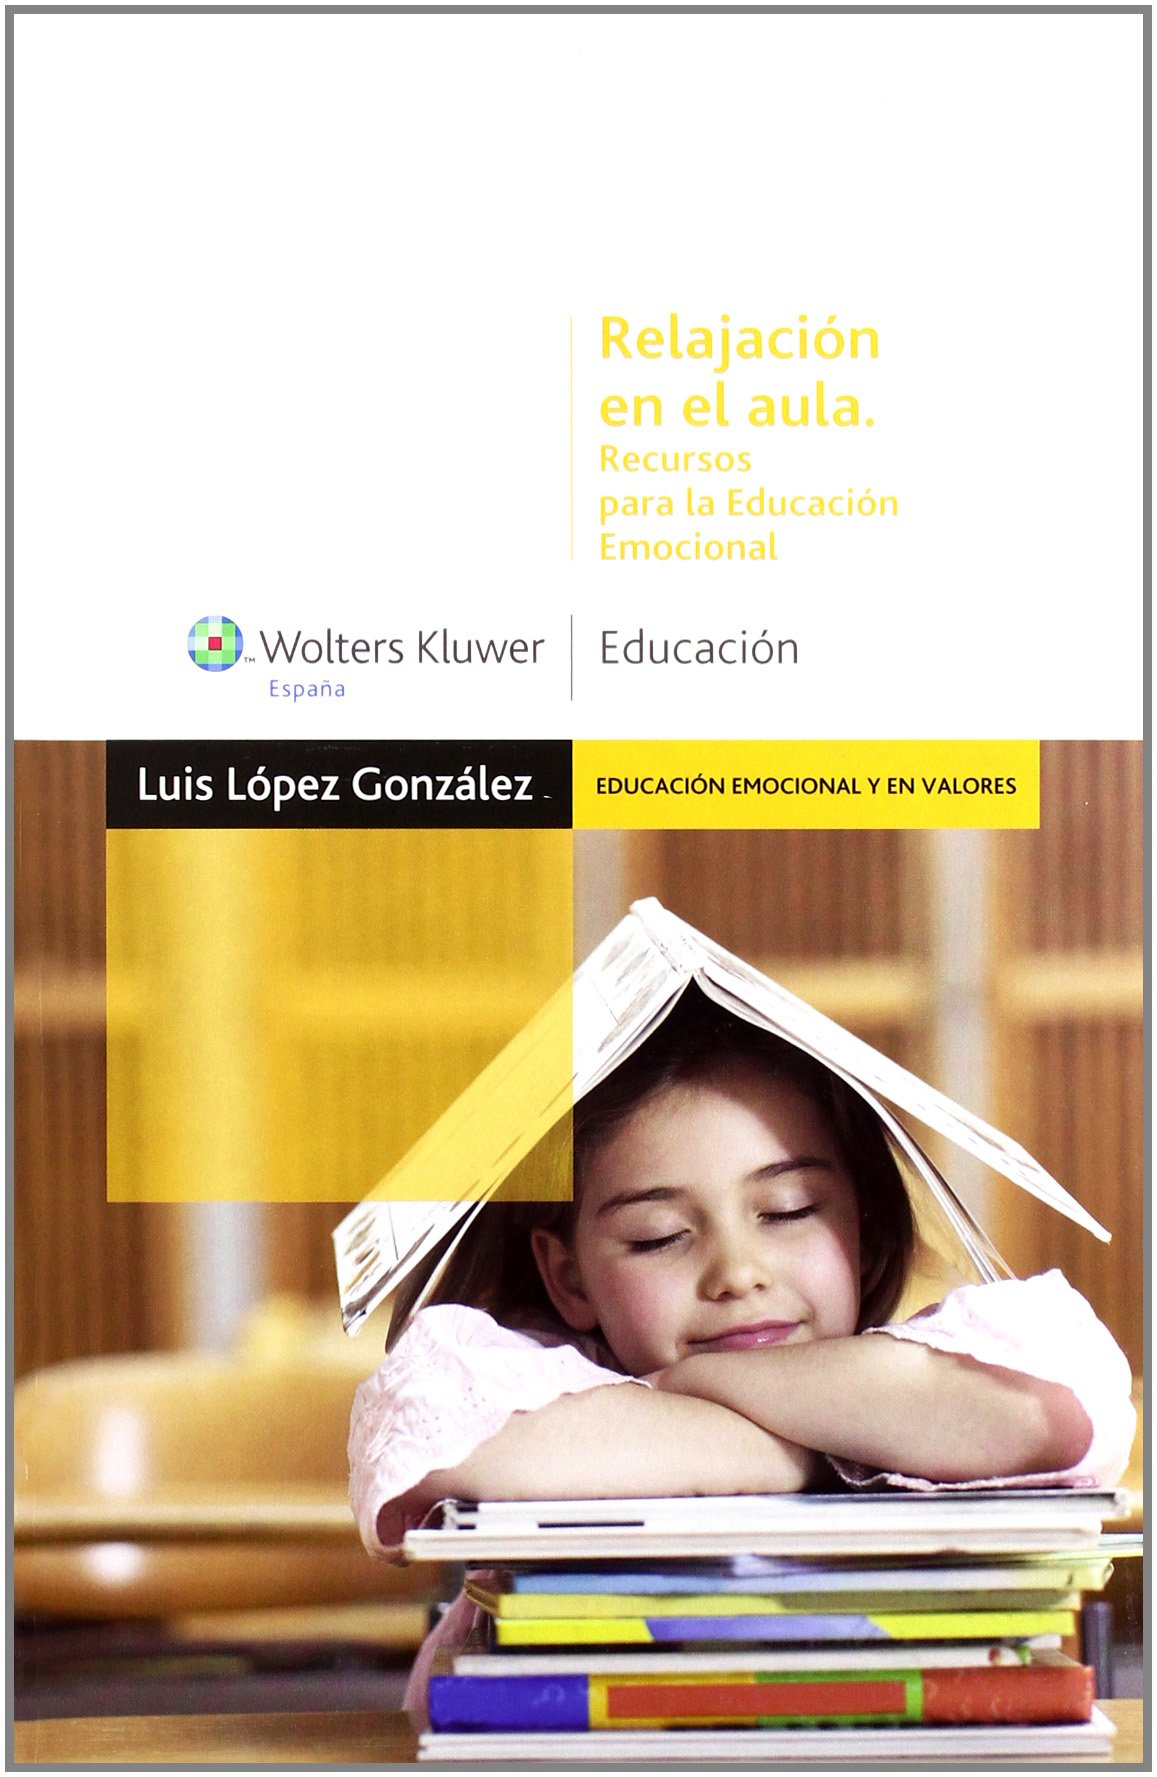 Relajación en el aula: recursos para la educación emocional (Educación emocional y en valores) Tapa blanda – 1 dic 2007 Luis López González Wolters Kluwer Educación 8471978962 Spain